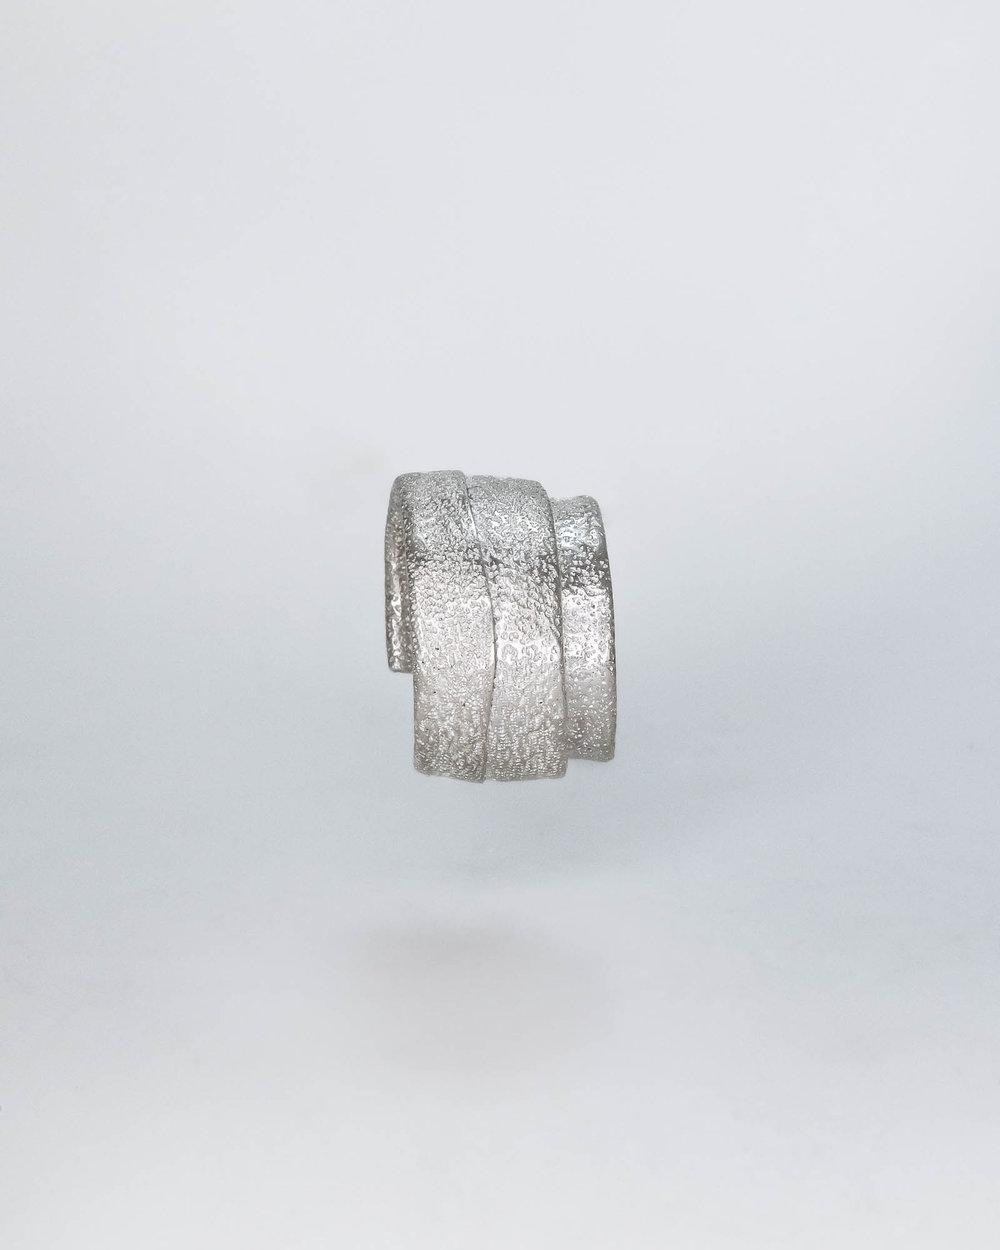 2_%22Wrap Ring%22, Brian Kivuti (January 19, 2018) [web.v.2.Cropped].jpg